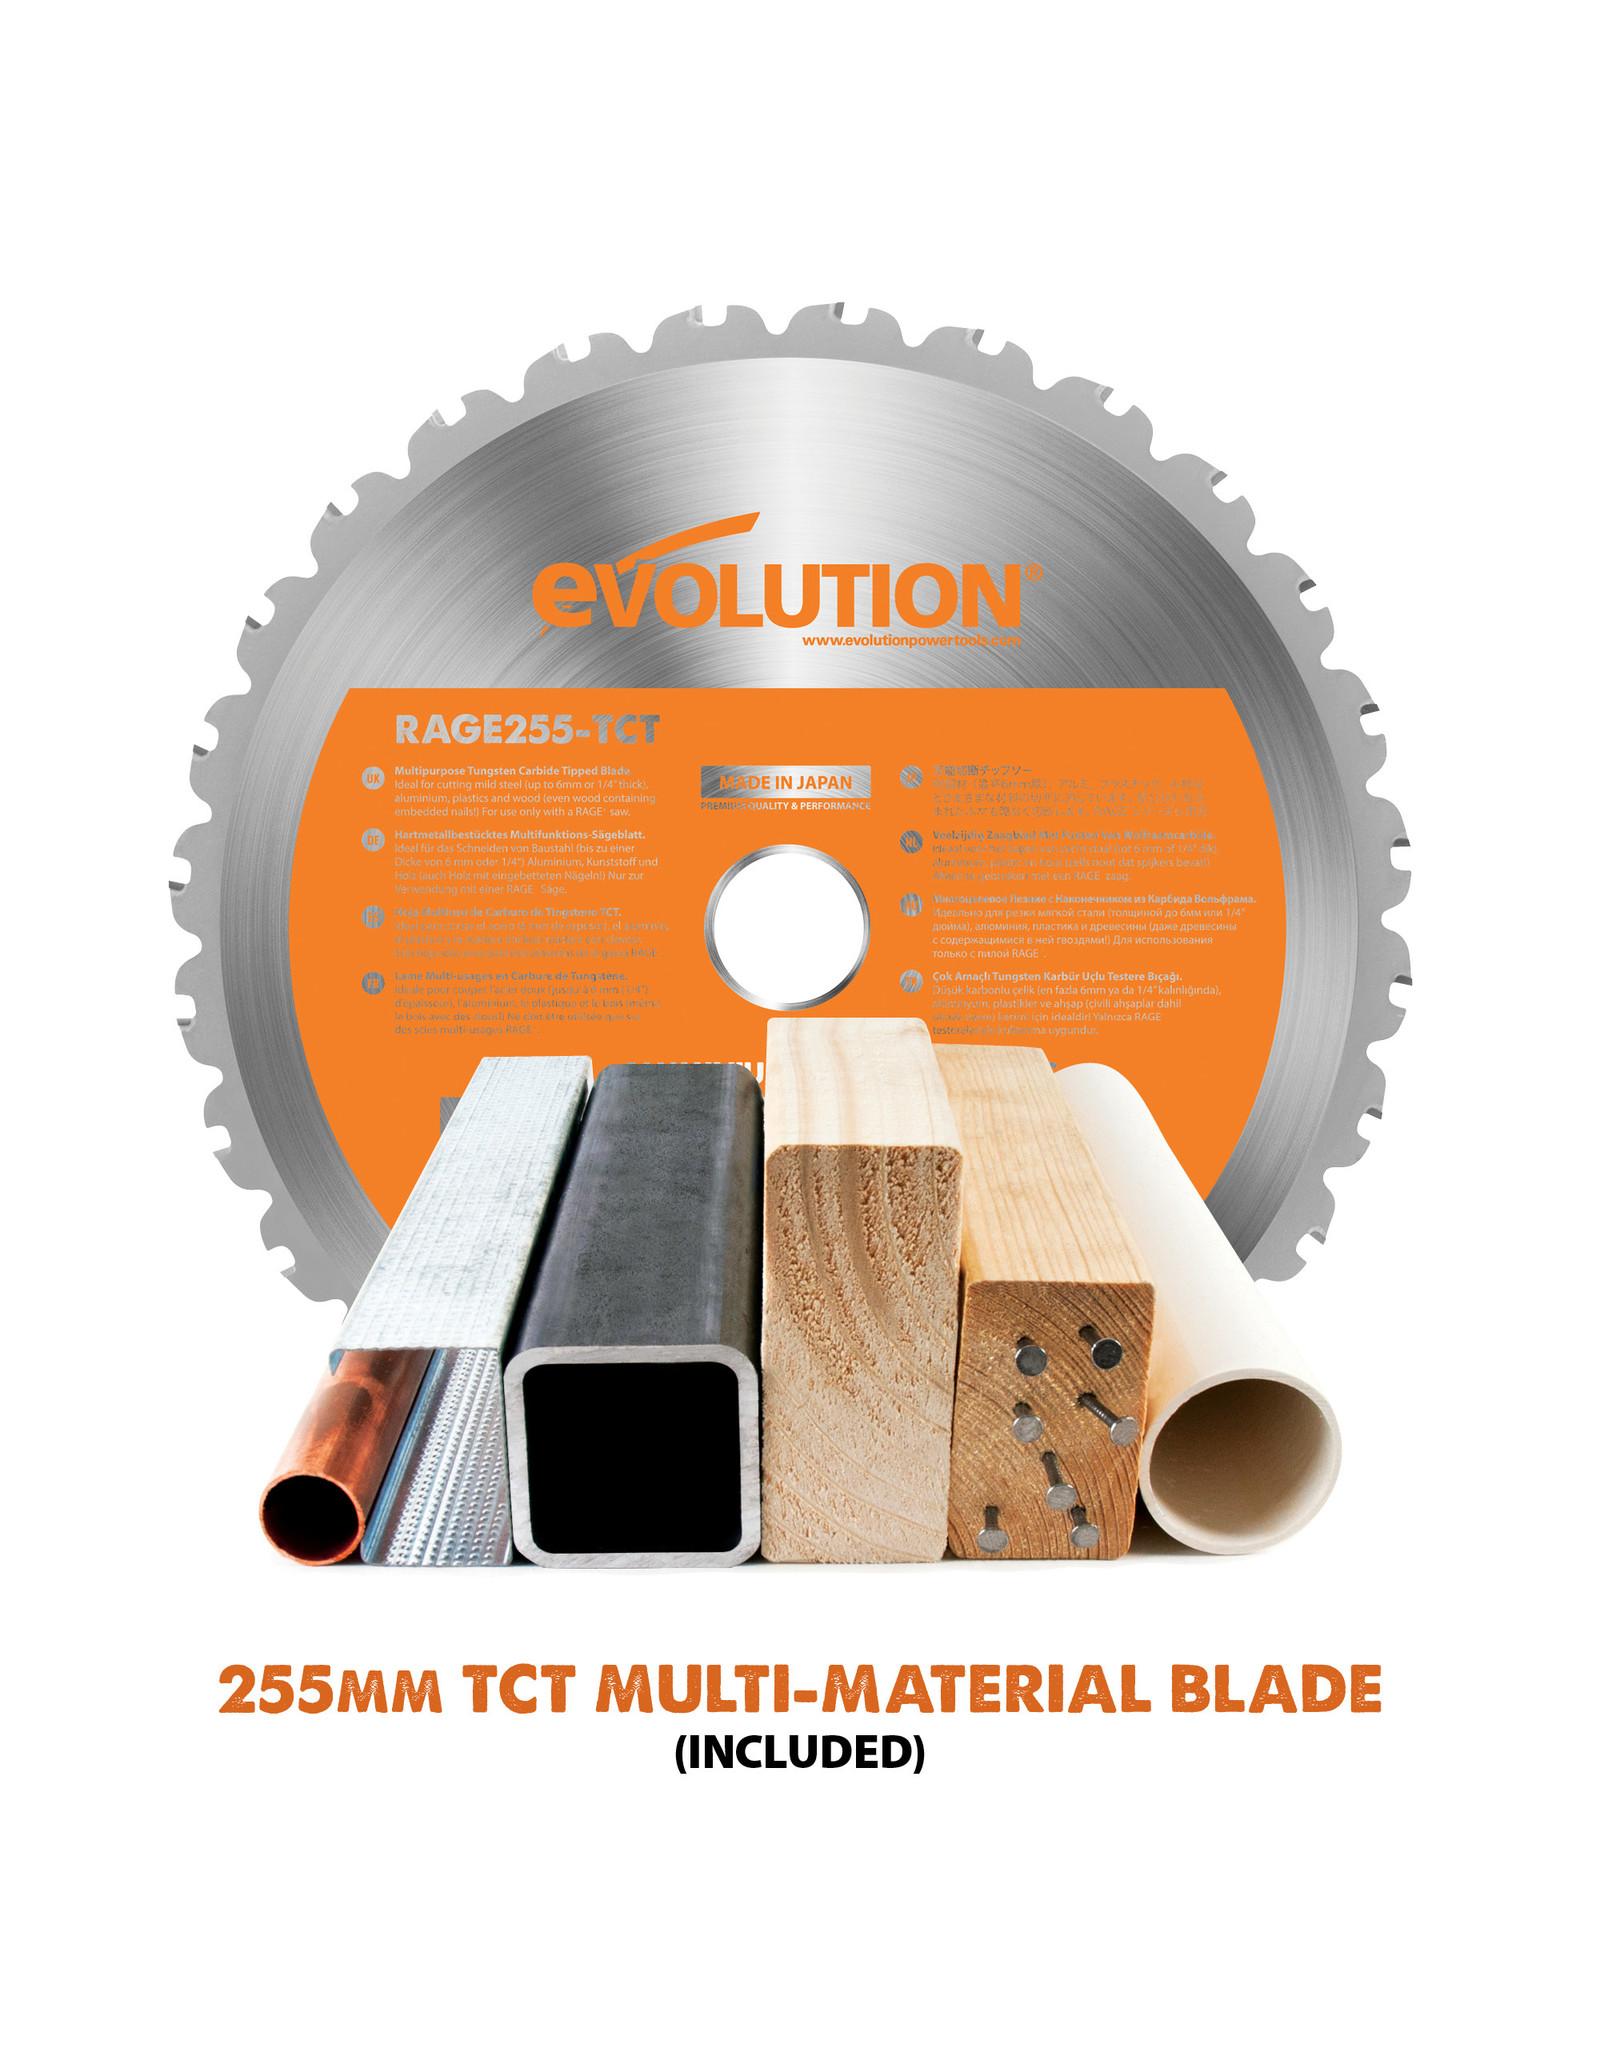 Evolution Power Tools Build Line MEHRZWECK-GLEIT GEHRUNGSSÄGE RAGE - R255 SMS+